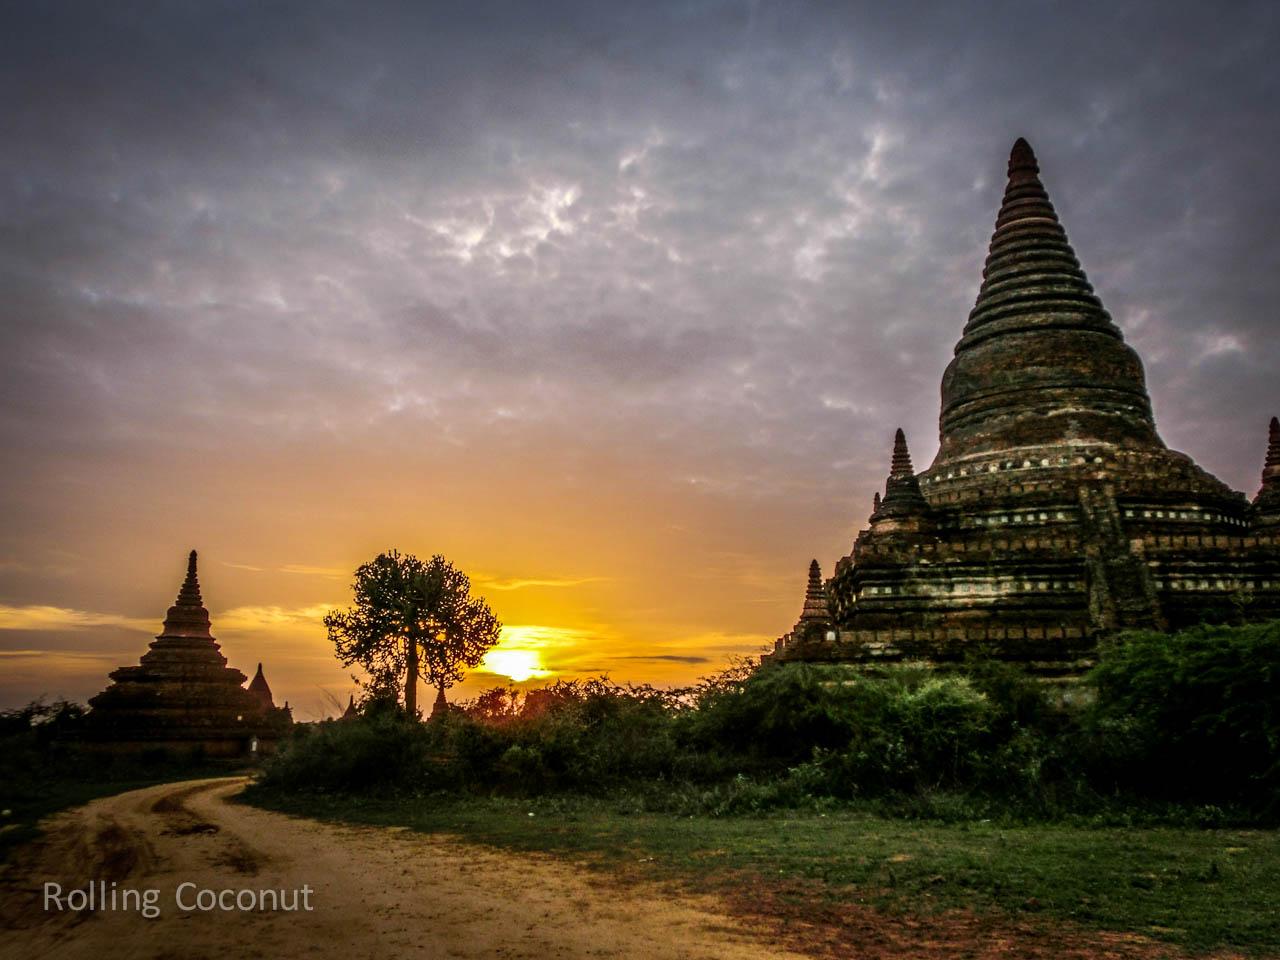 Puple Orange Sunset Stupa Bagan Myanmar Ooaworld Rolling Coconut Photo Ooaworld